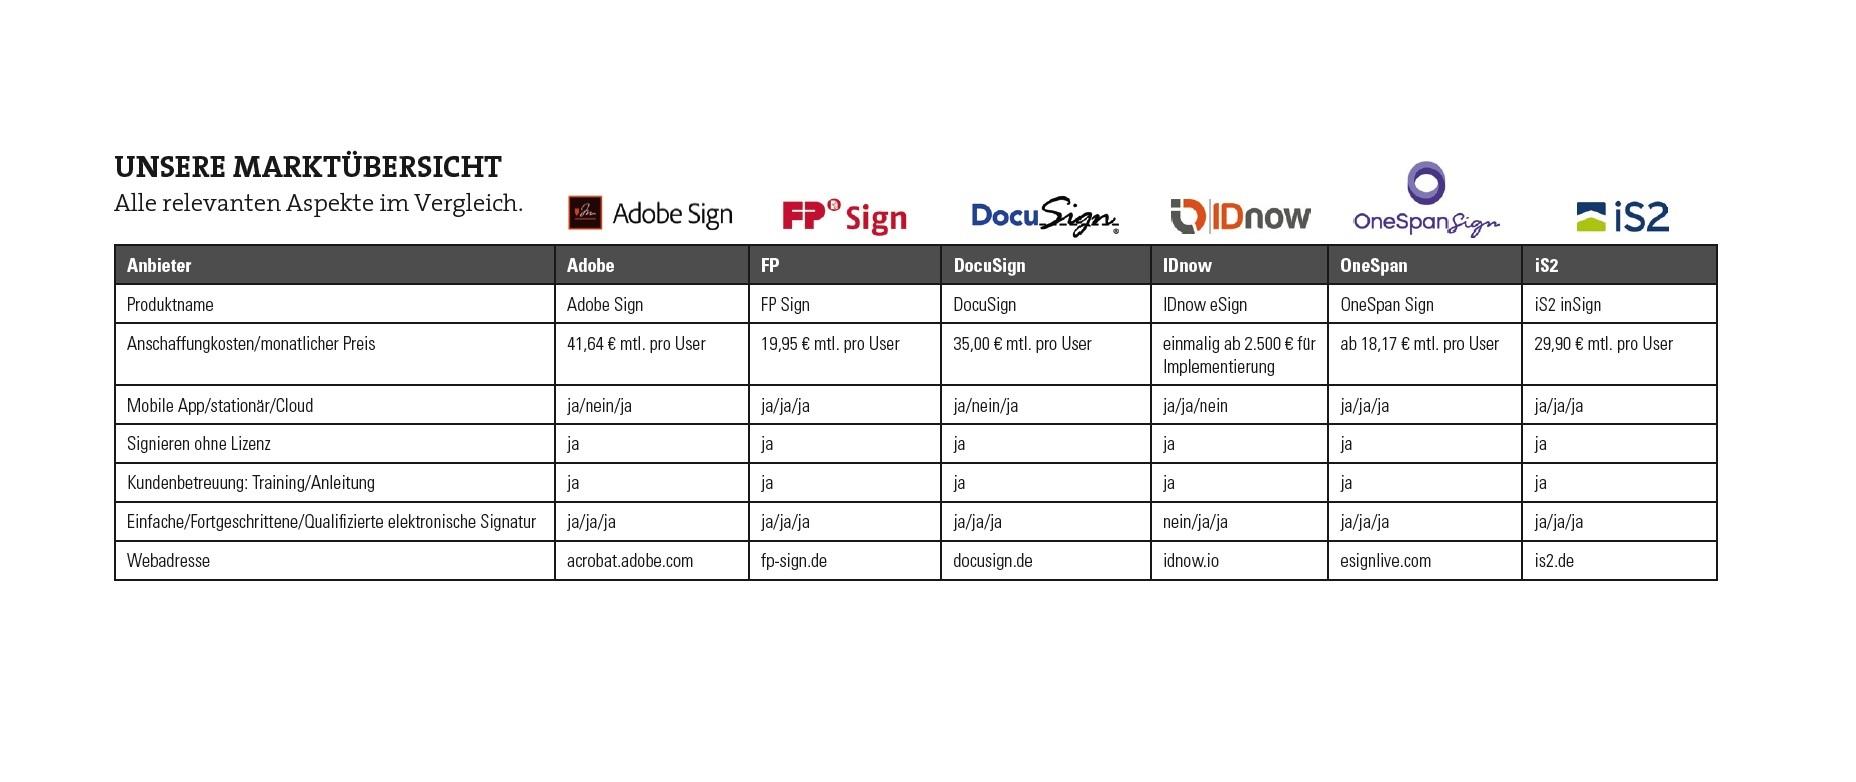 Unsere Marktübersicht zu elektronischen Signaturlösungen